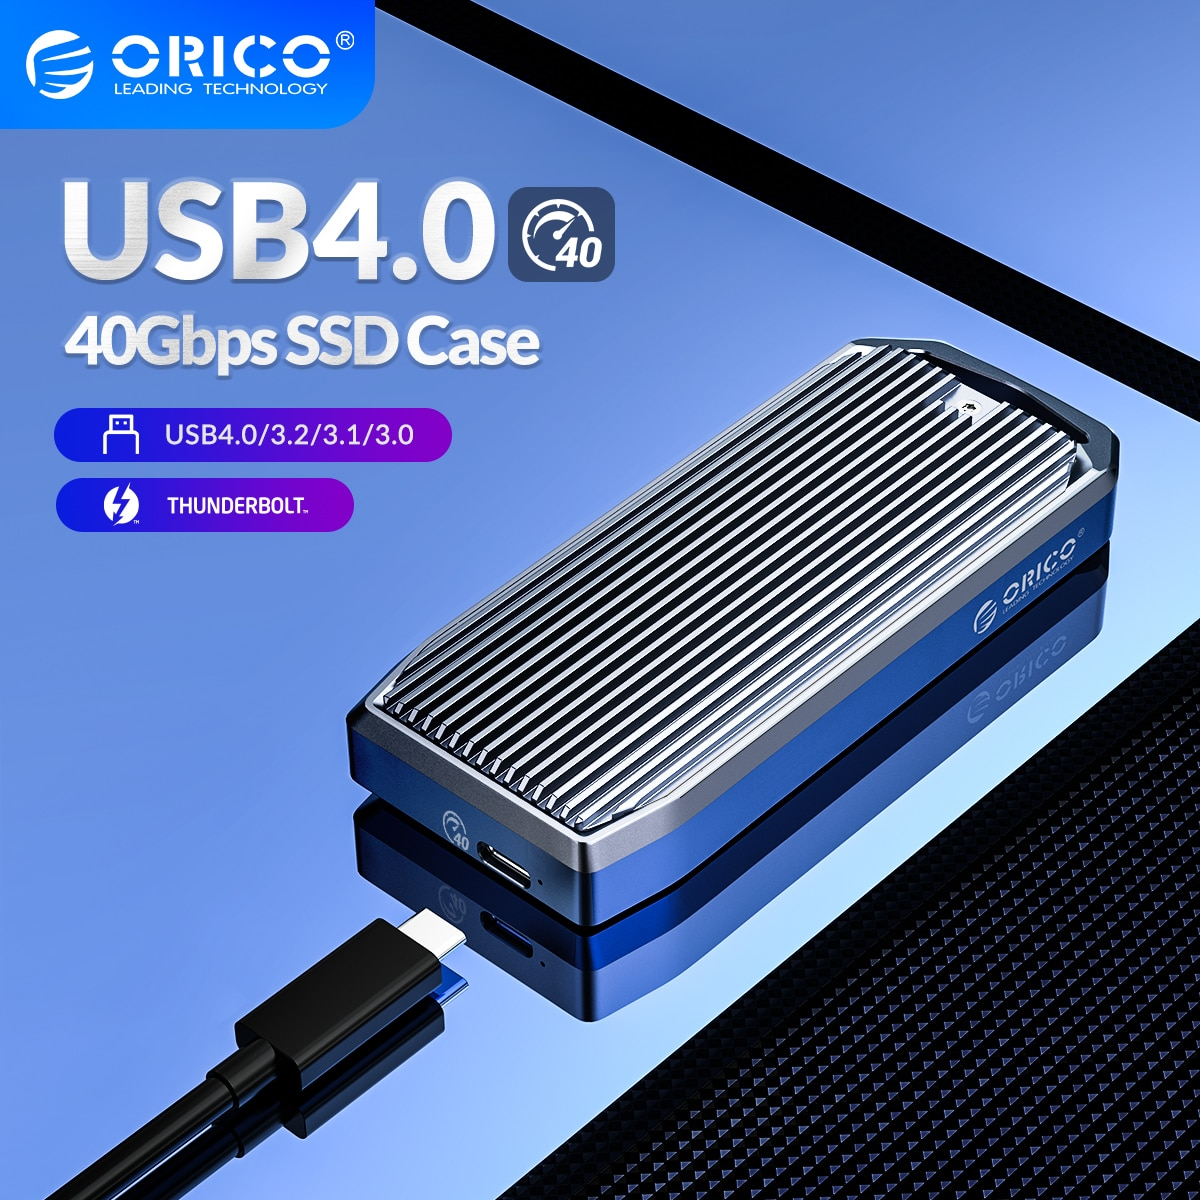 حافظة ORICO LSDT USB4.0 M.2 SSD 40Gbps M2 NVMe متوافقة مع Thunderbolt 3 4 USB3.2 USB 3.1 3.0 Type-C بروتوكولات متعددة